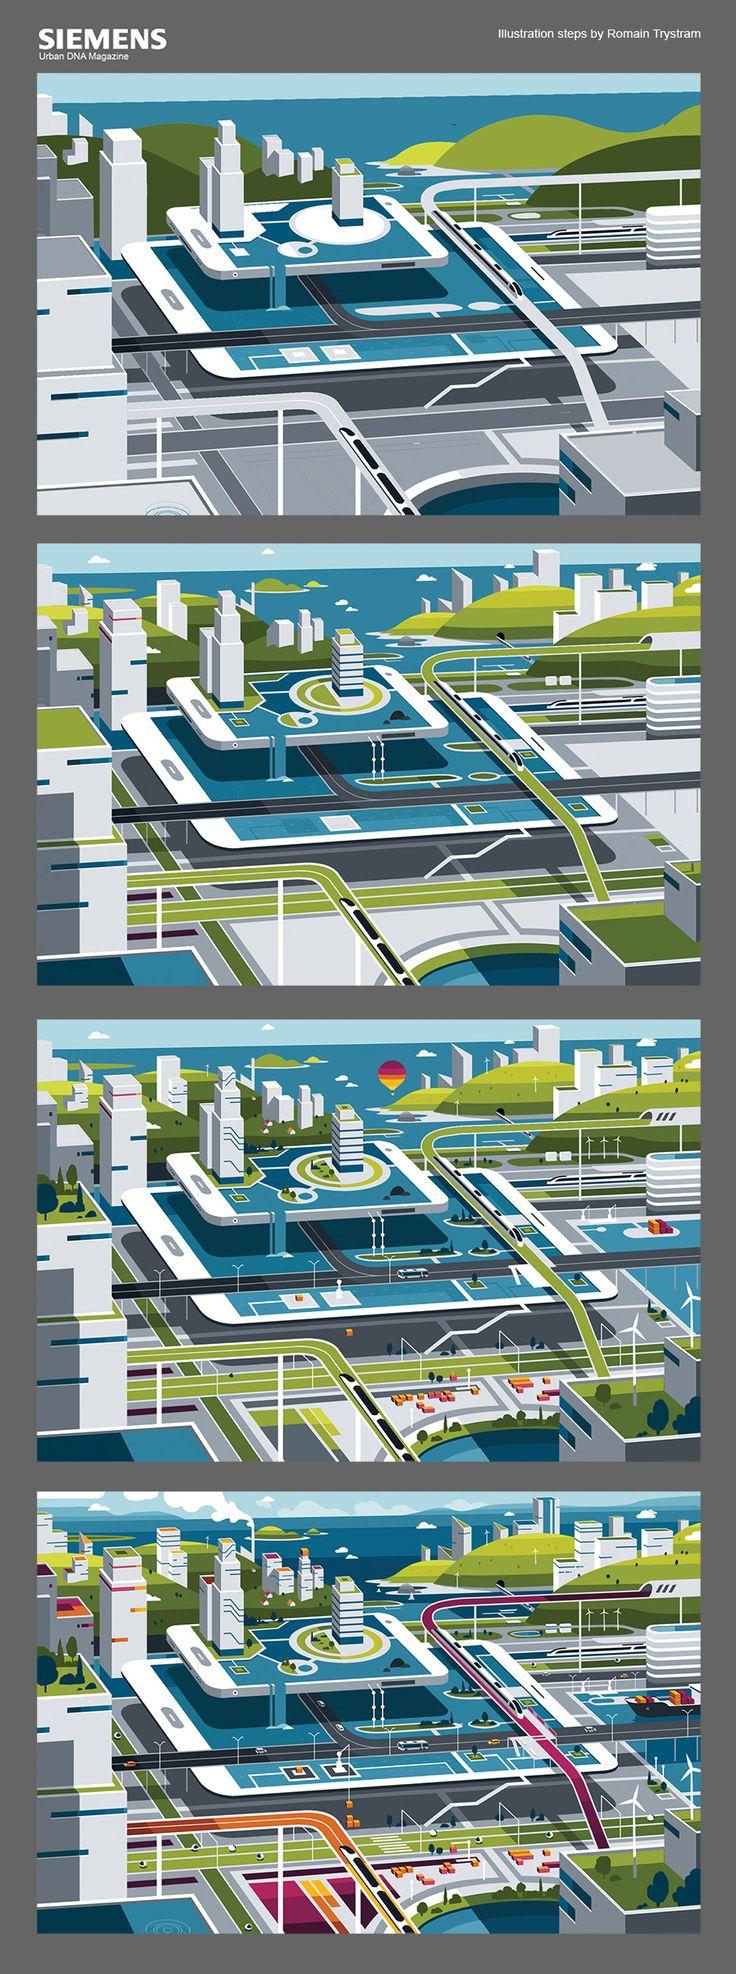 Siemens Urban DNA